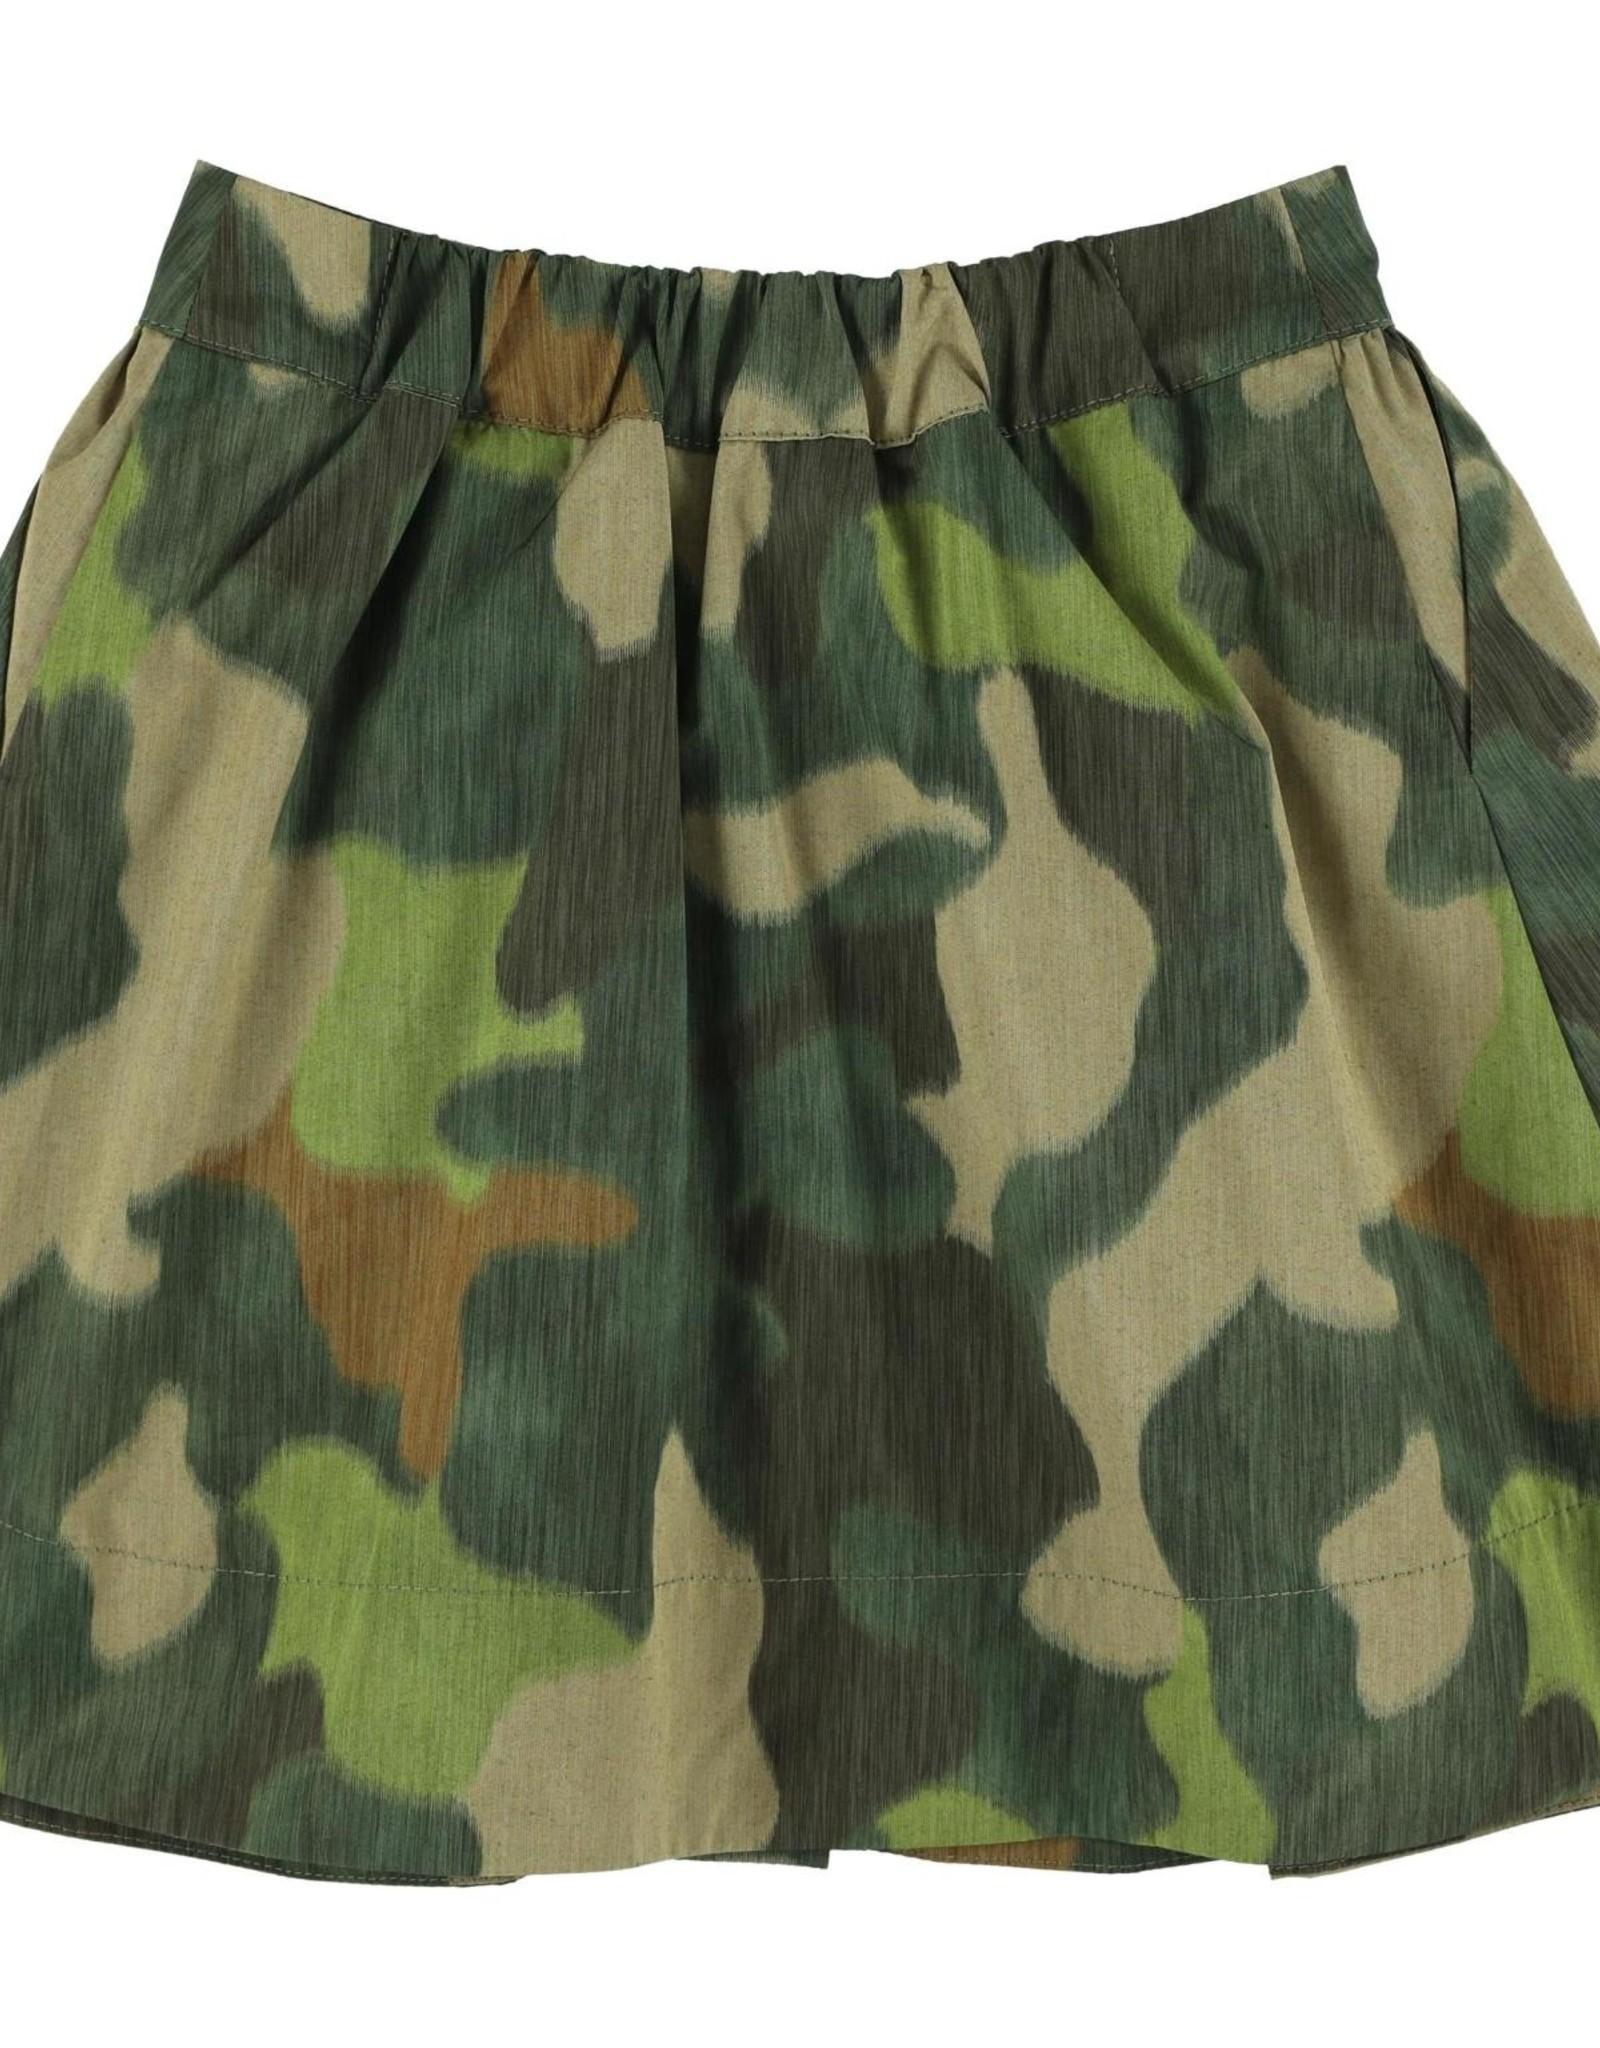 MORLEY Mistral Abby Khaki Skirt